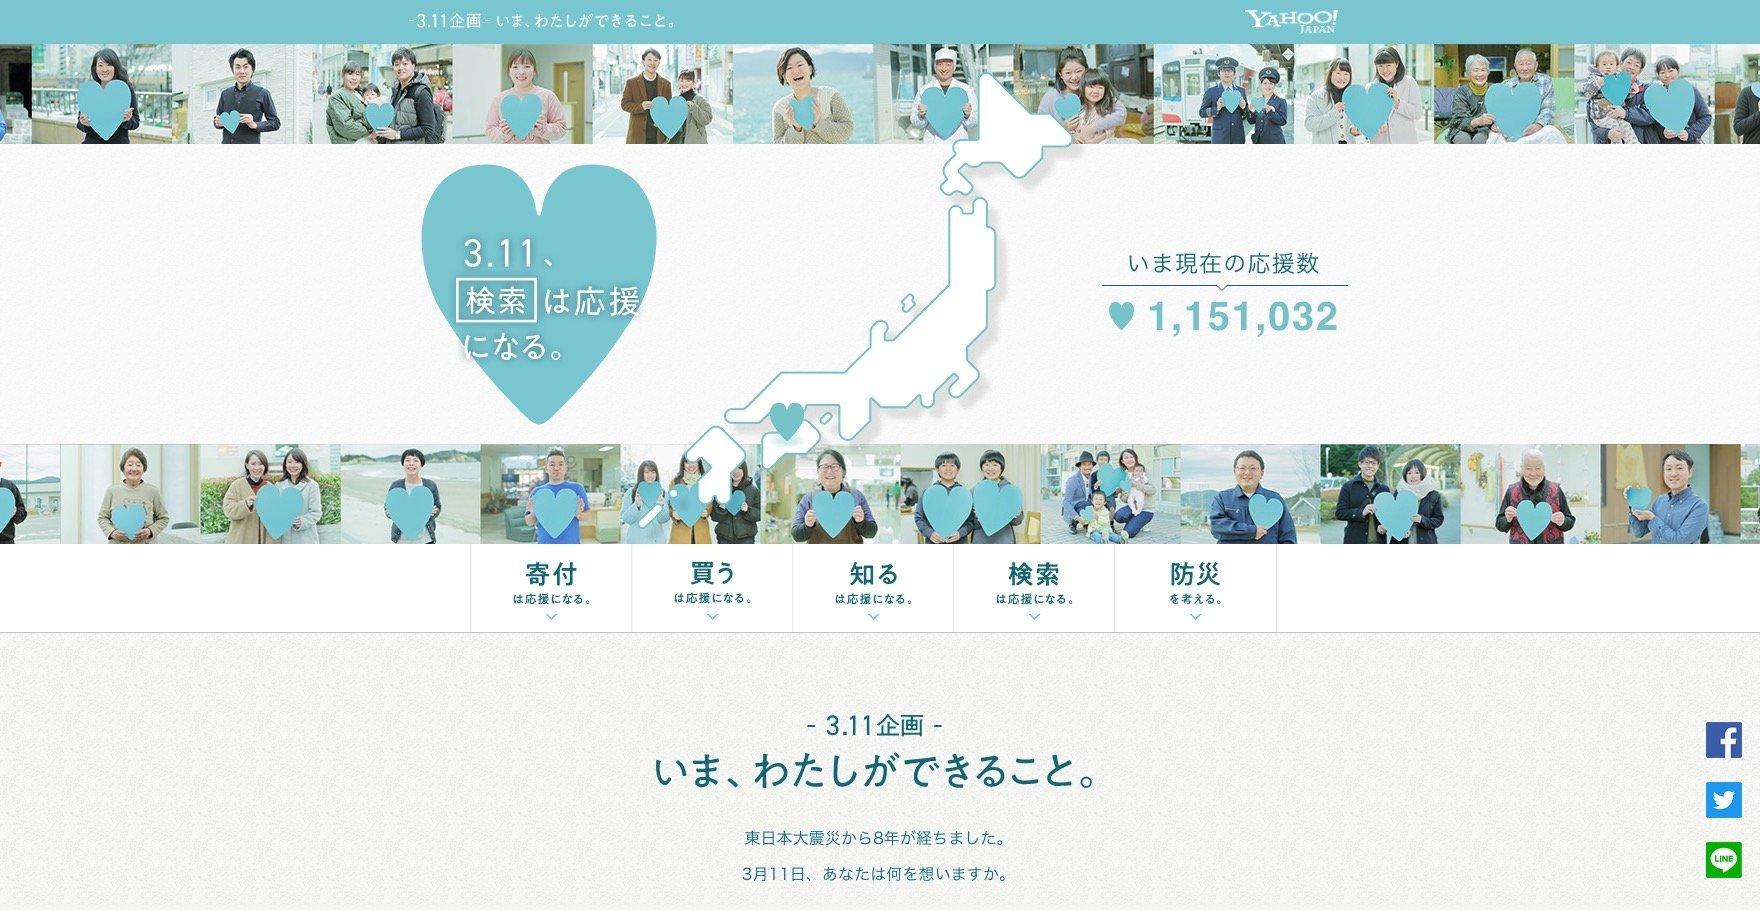 「3.11」とYahoo!で検索すると、1人につき10円寄付。東日本大震災の復興応援企画